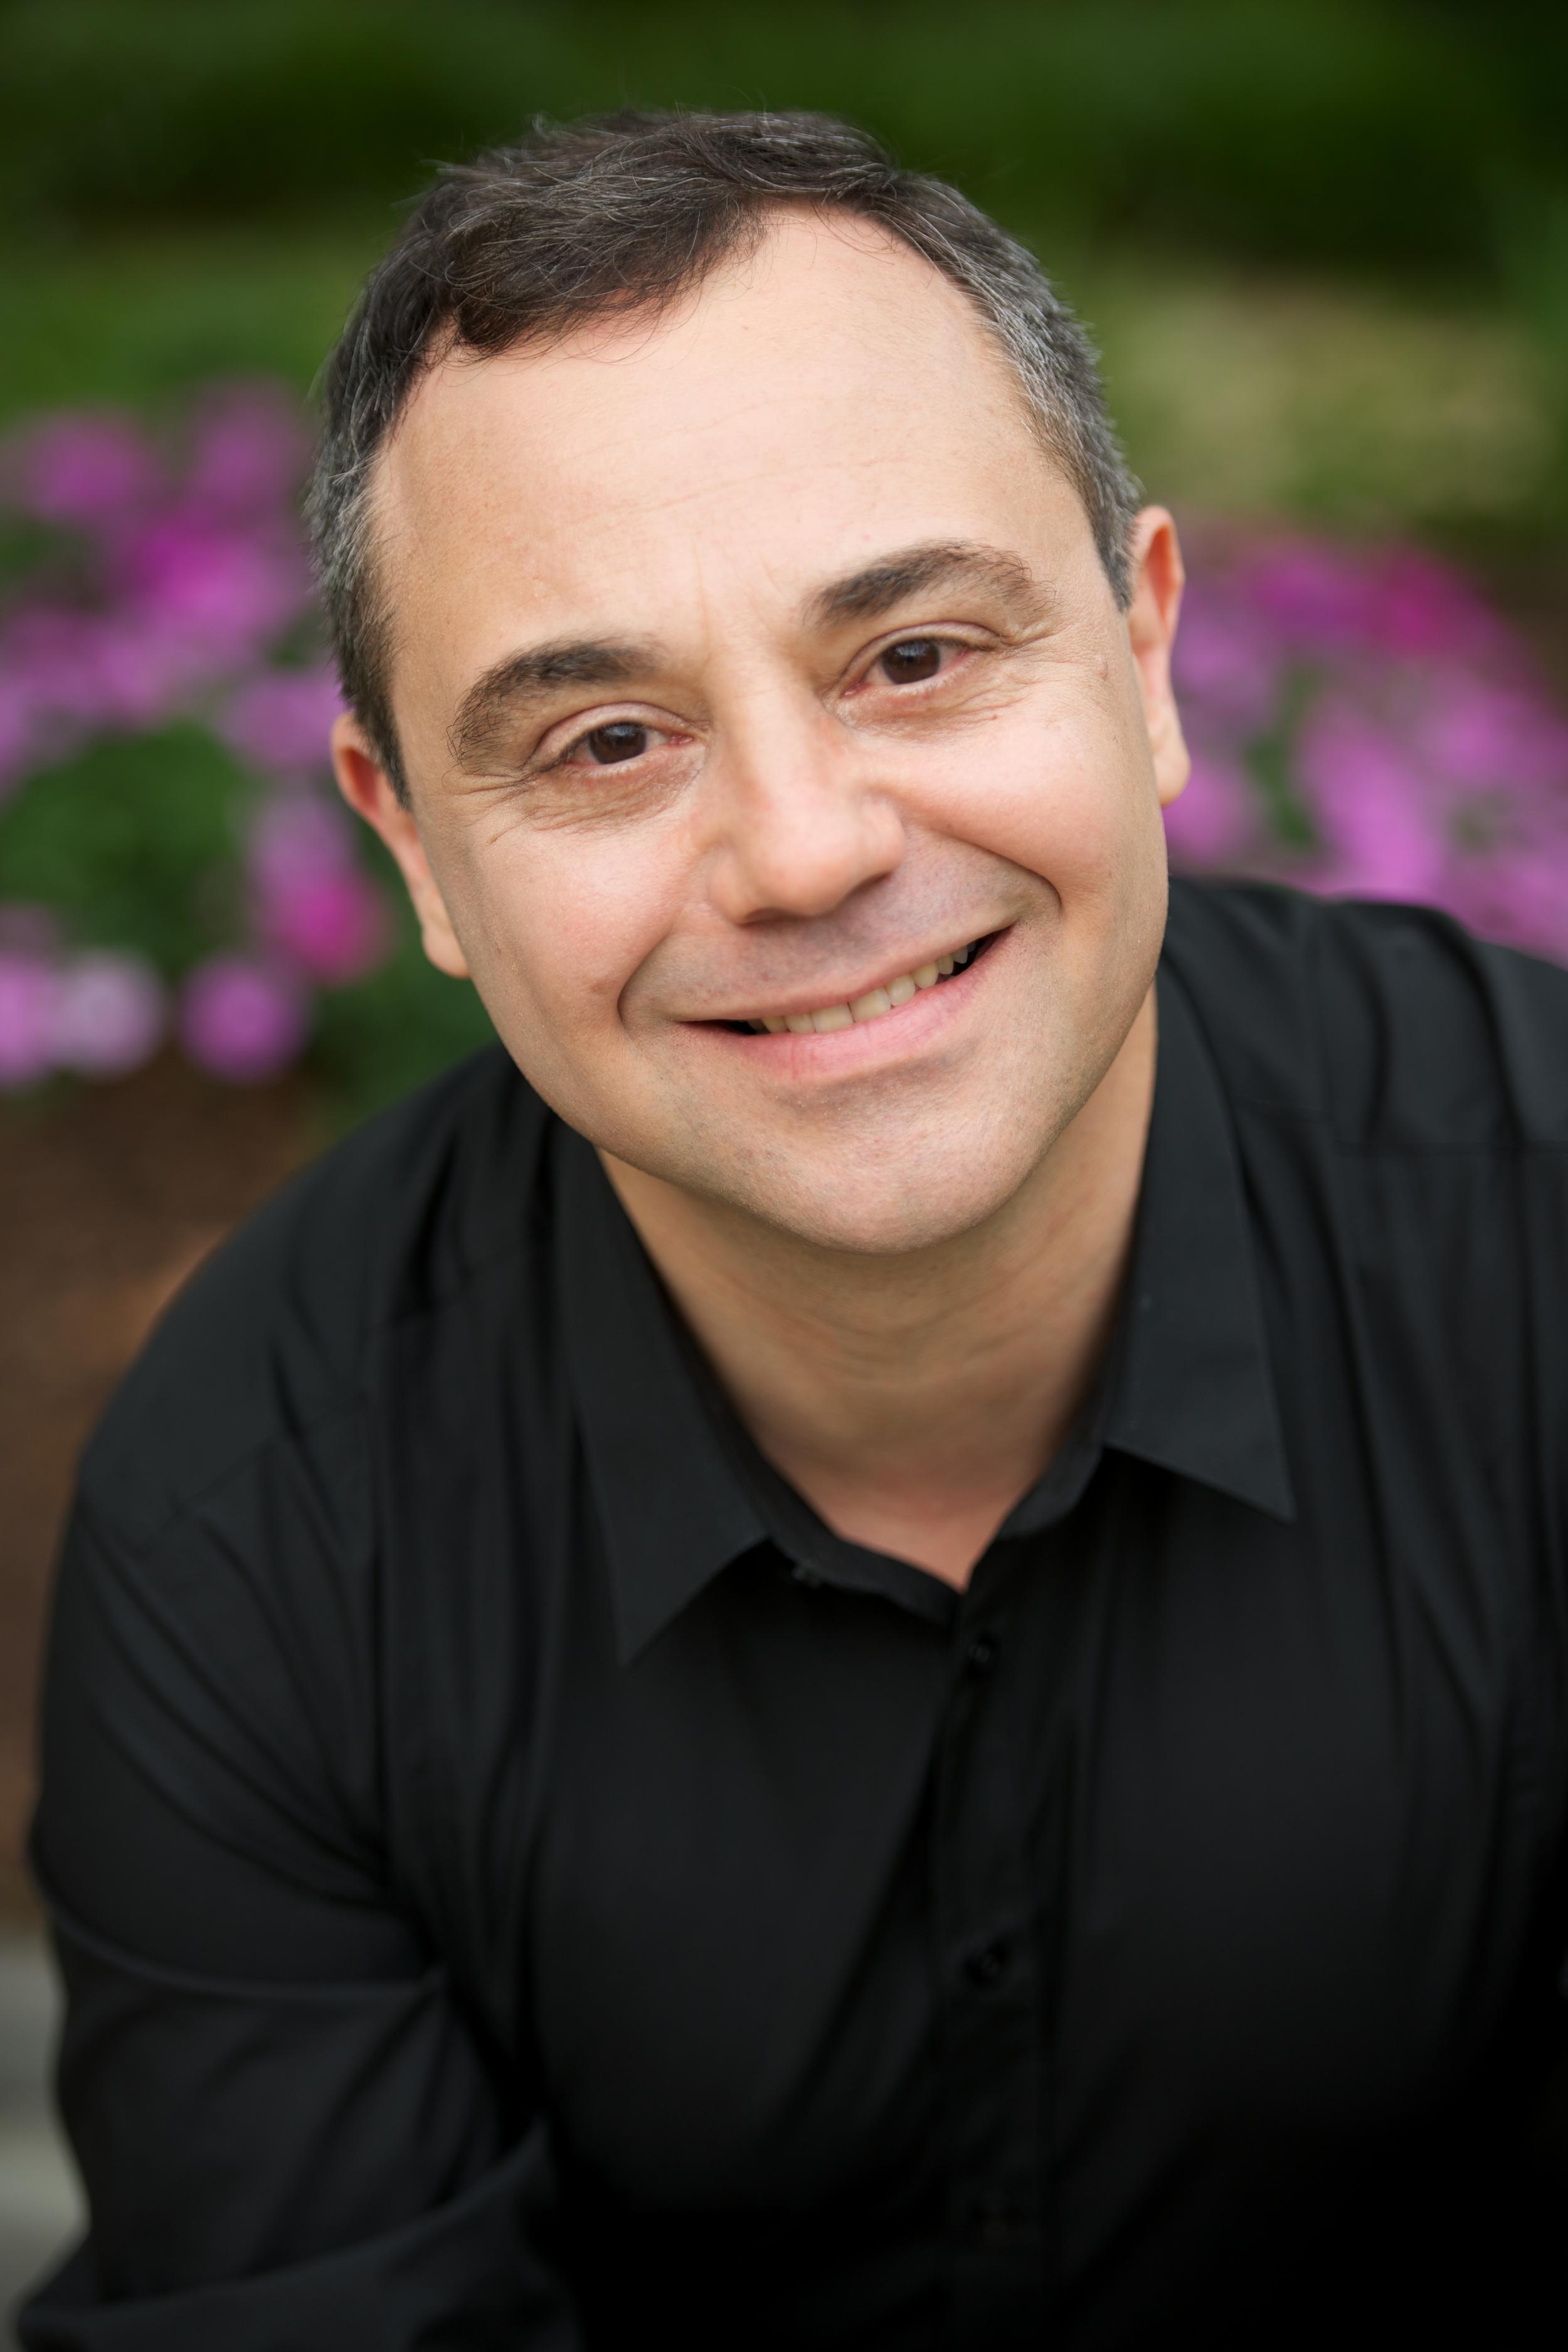 Dr. Ivo Kaltchev